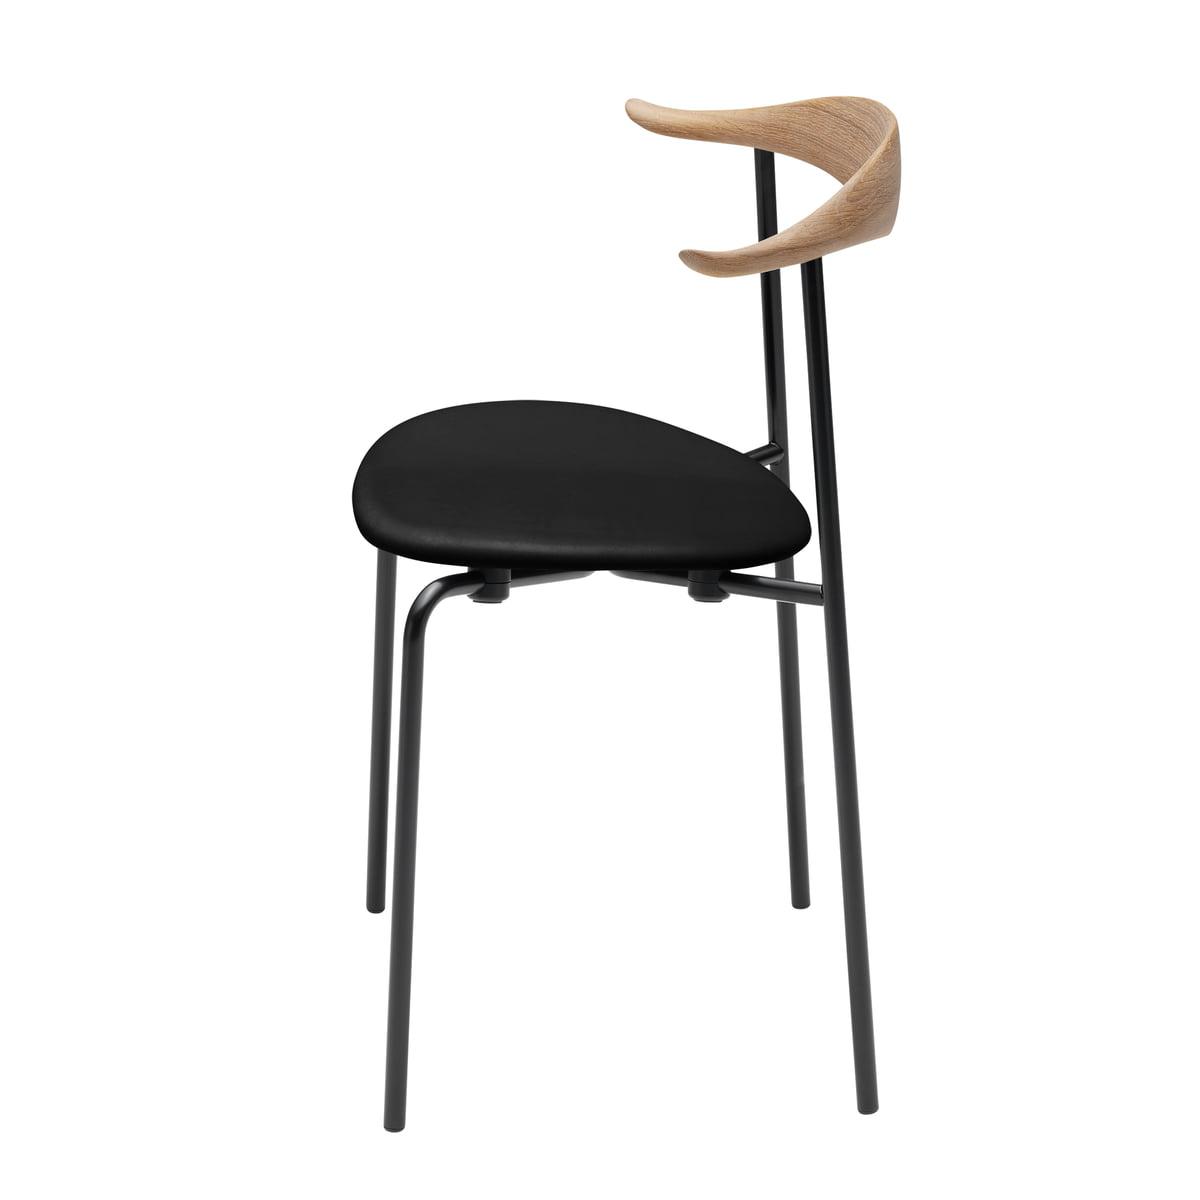 Carl Hansen Chairs ch88p chaircarl hansen